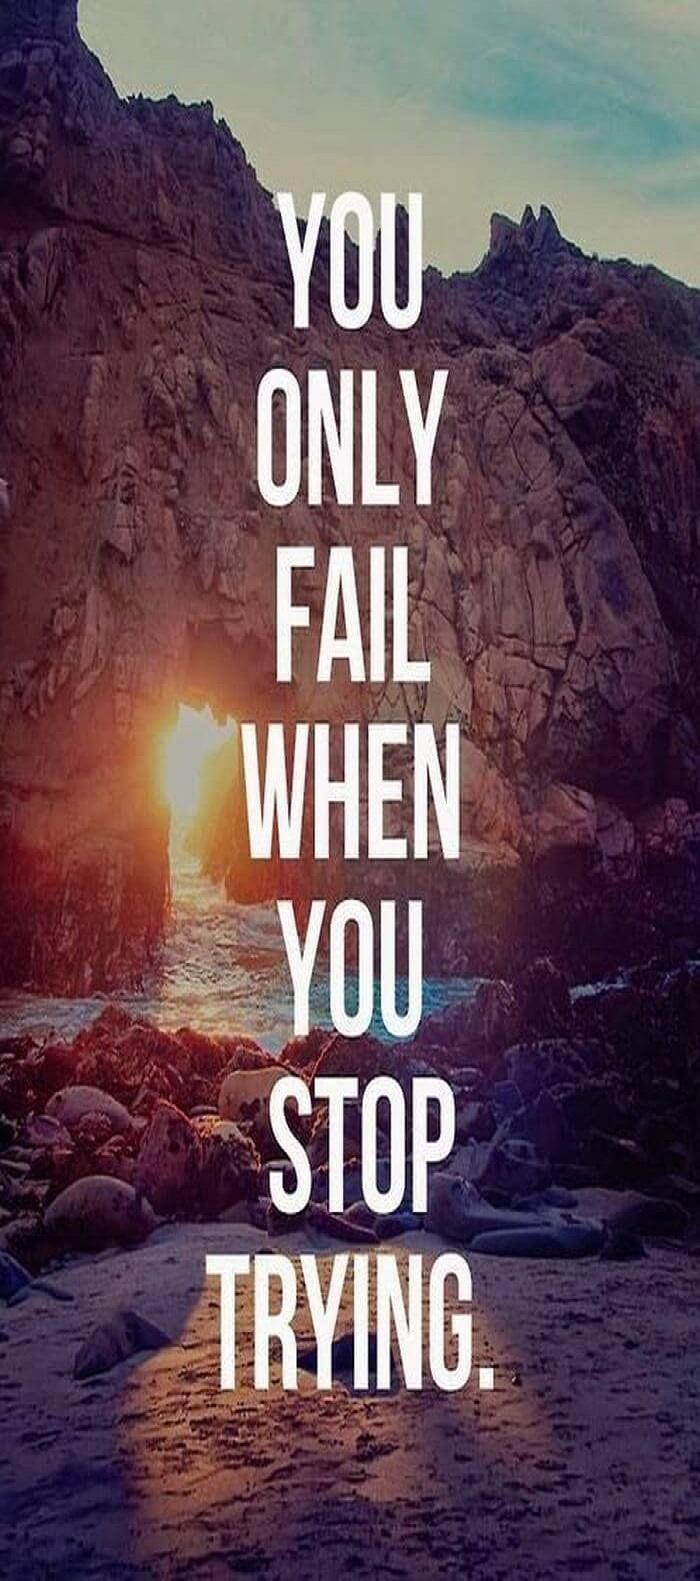 fail_quote1.jpg